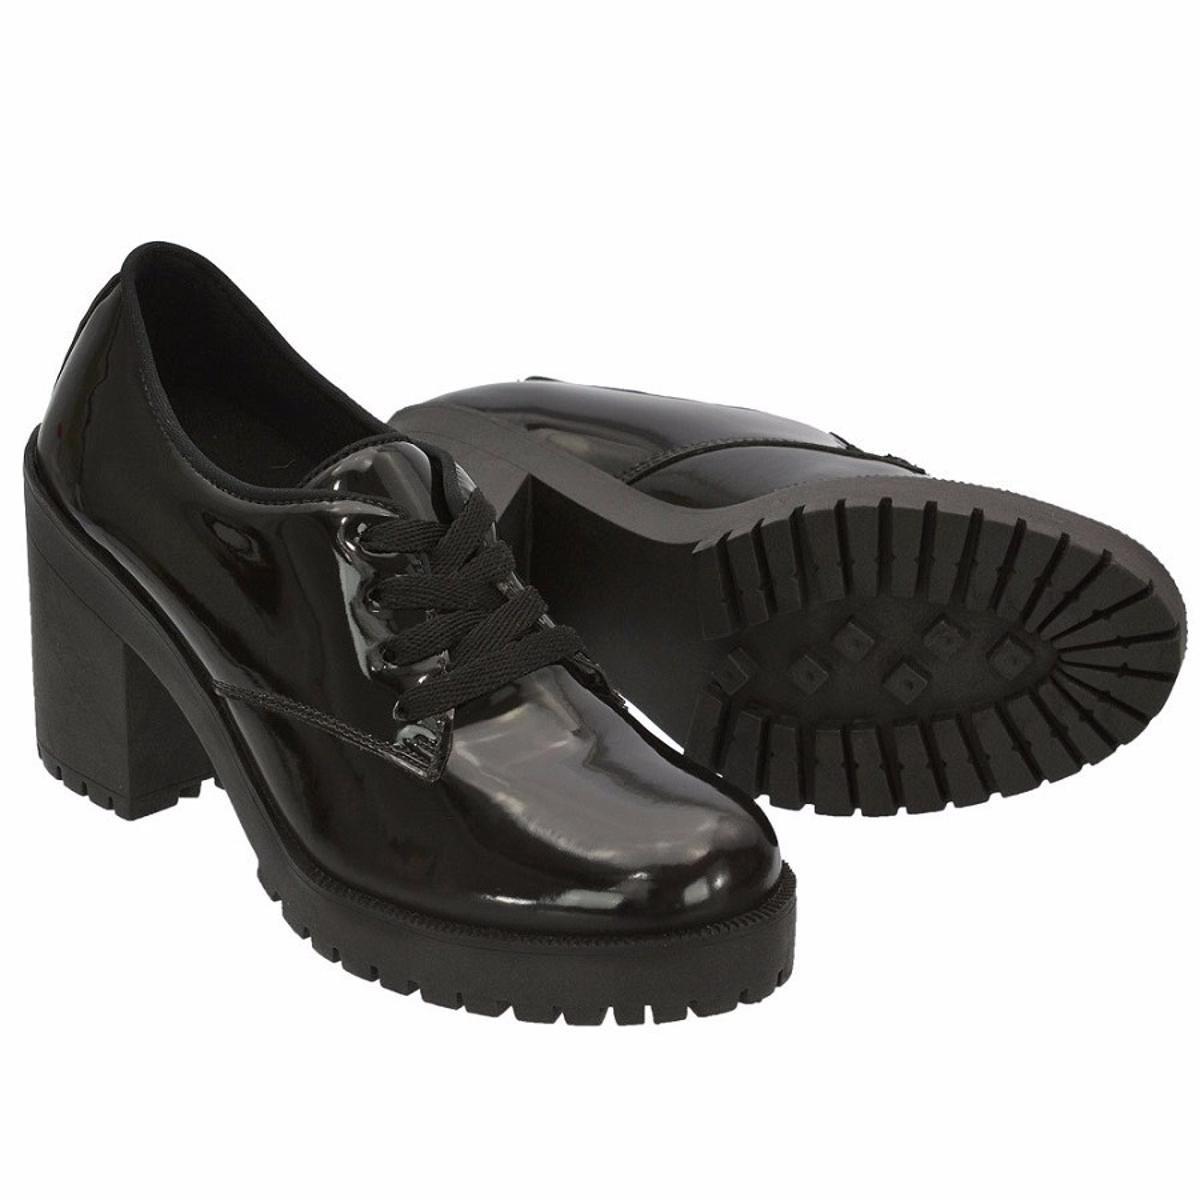 Sapato Oxford Verniz CR Shoes Salto Bloco Feminino - Preto